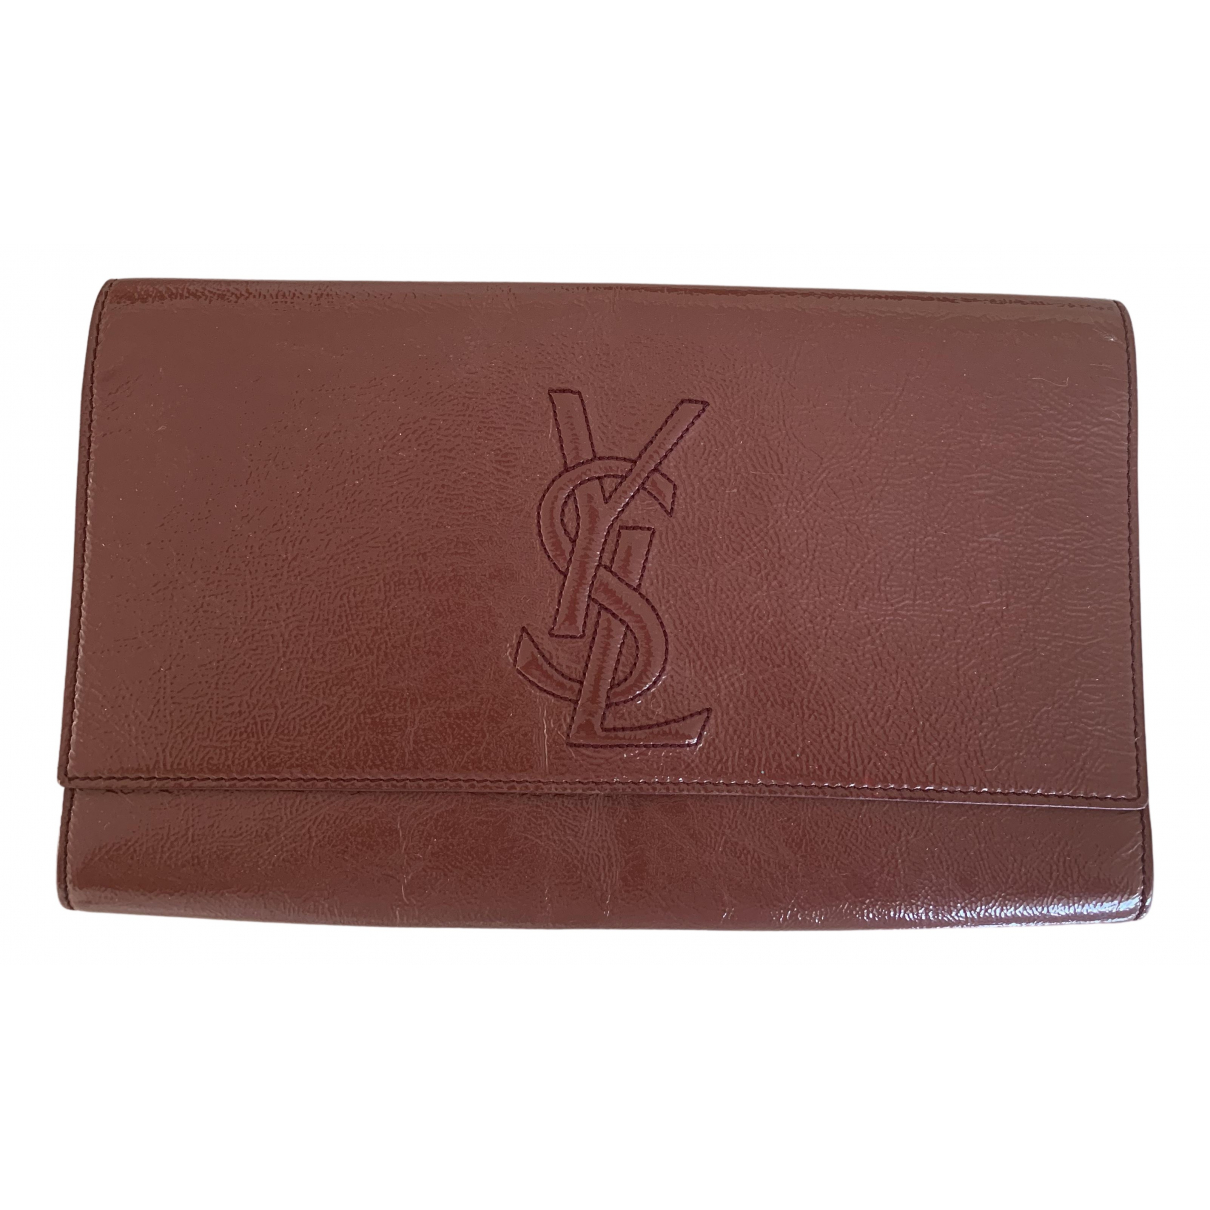 Yves Saint Laurent Belle de Jour Patent leather Clutch bag for Women N